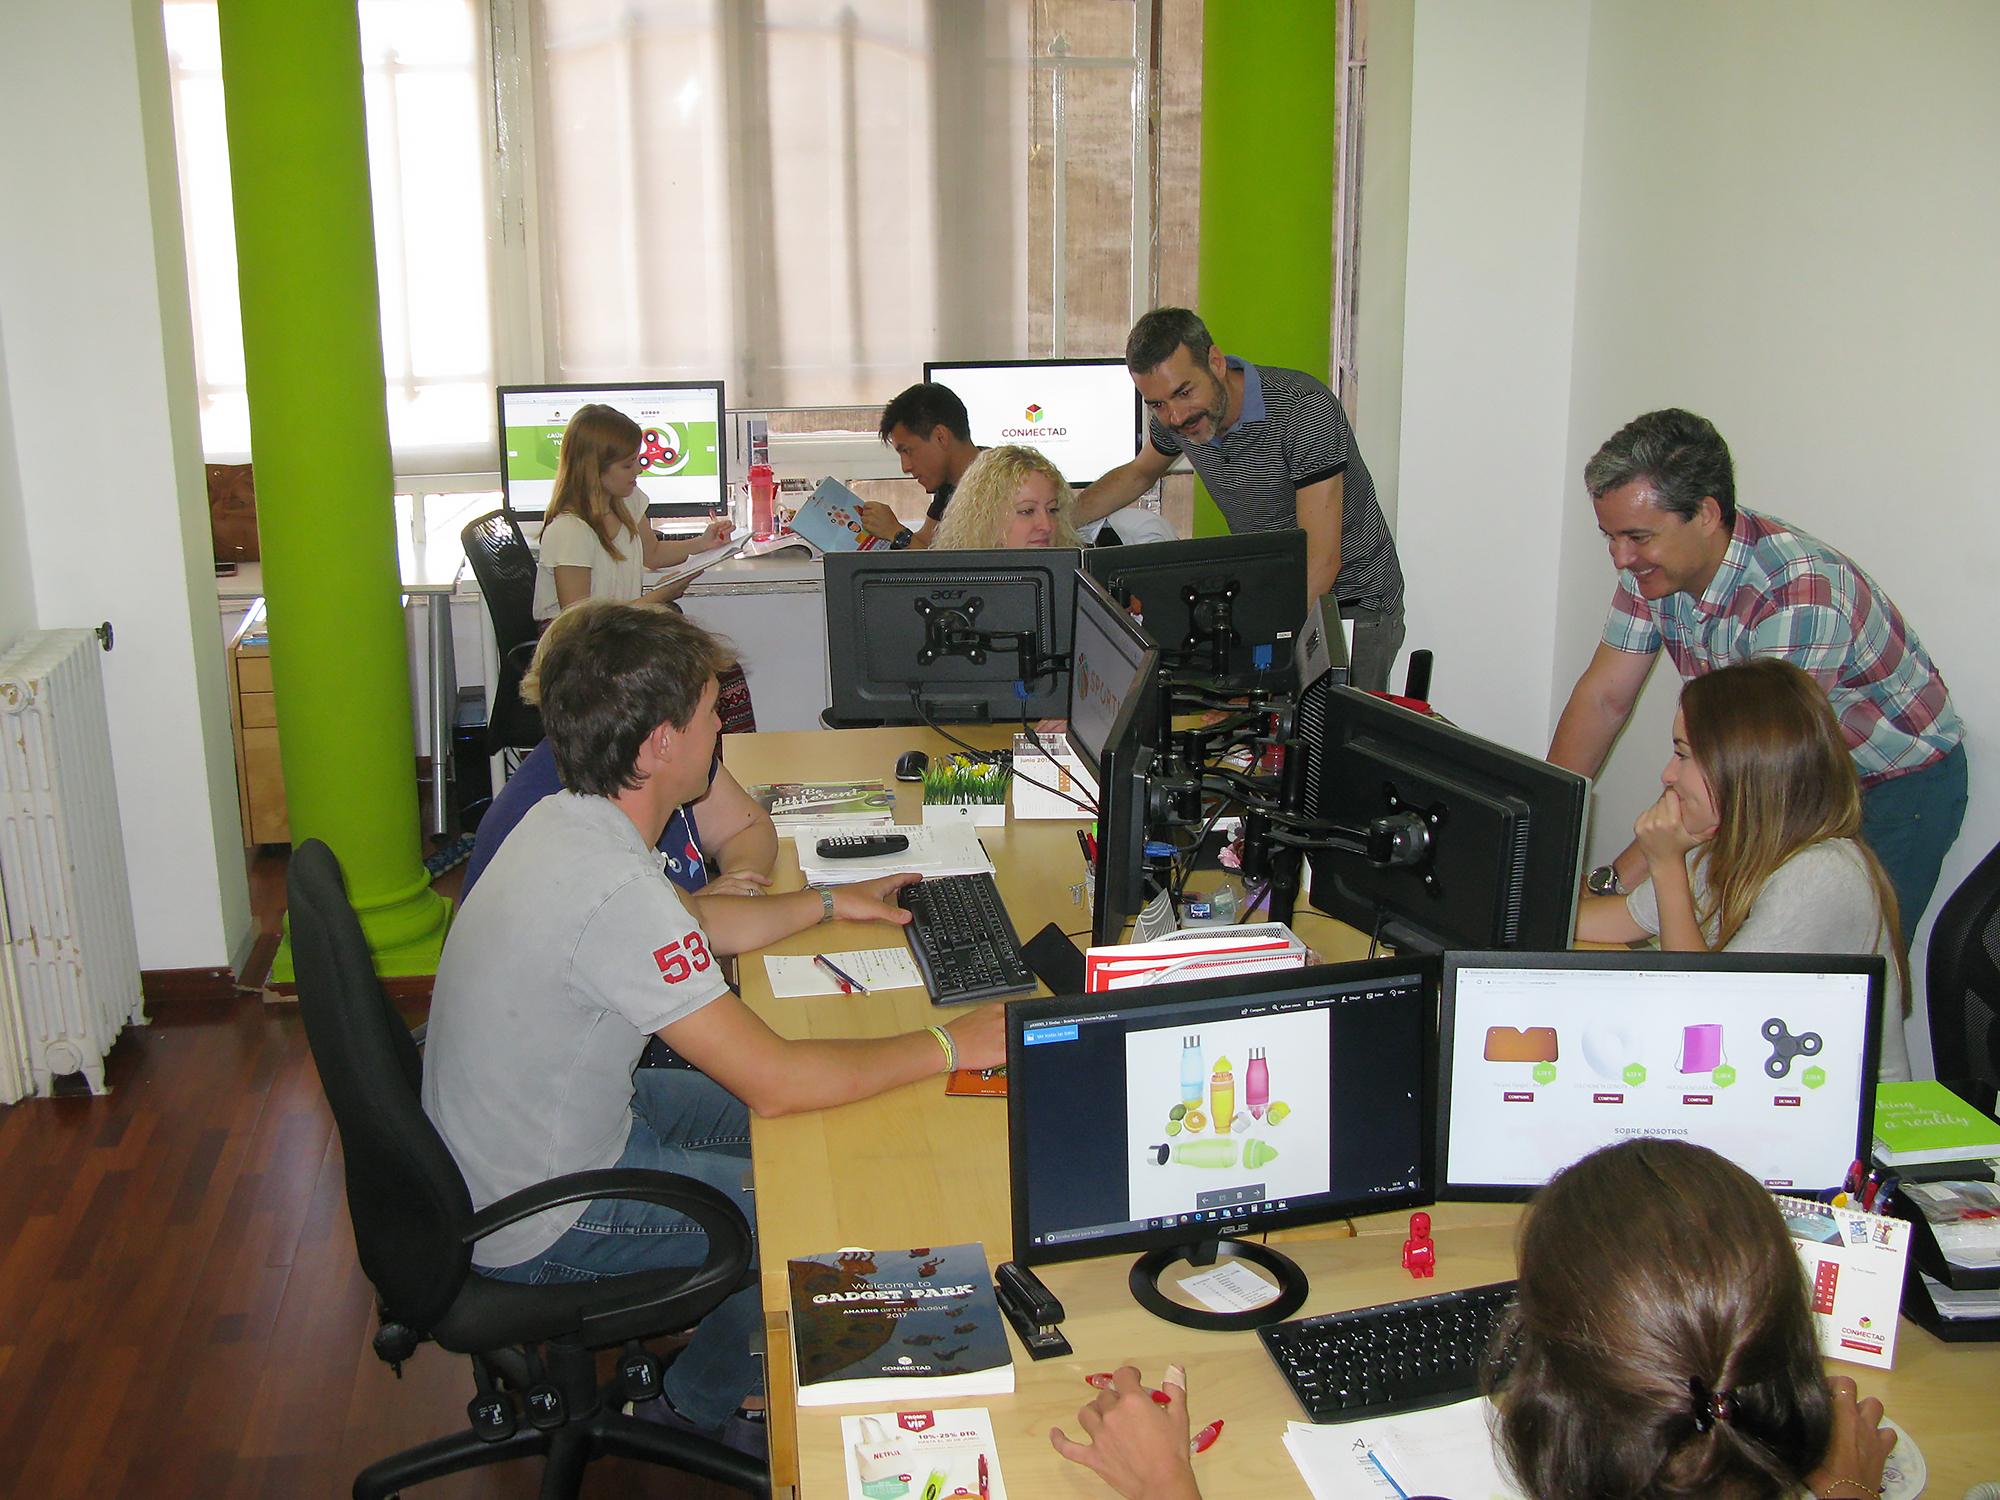 Connectad tu empresa de marketing promocional en barcelona - Empresas constructoras en barcelona ...